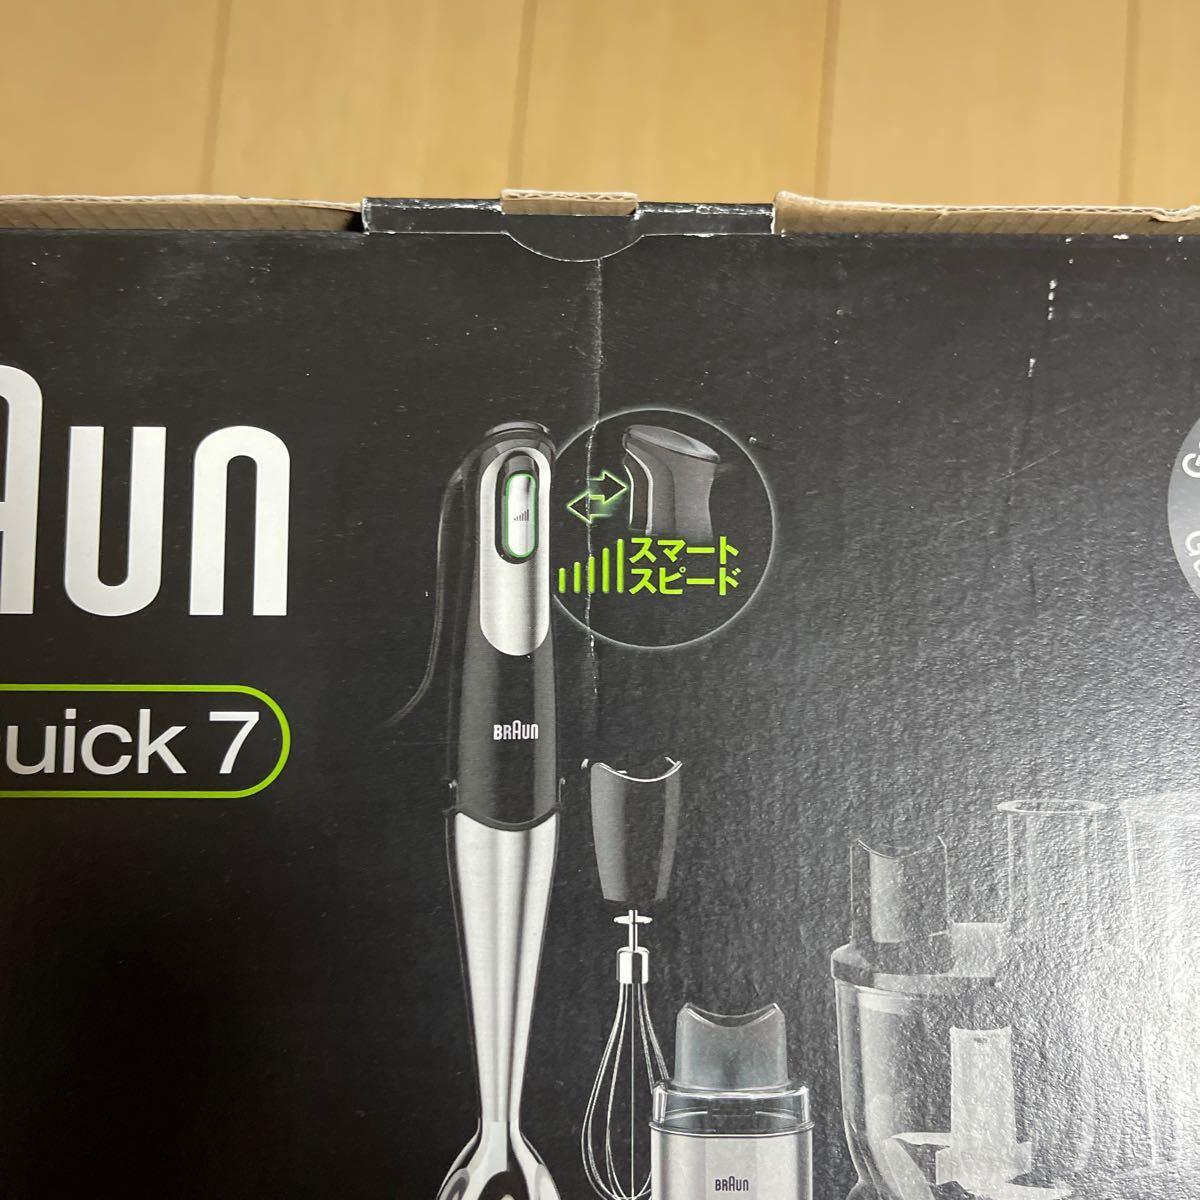 【未使用】マルチクイック7 ハンドブレンダー MQ778 (ブラック/シルバー)